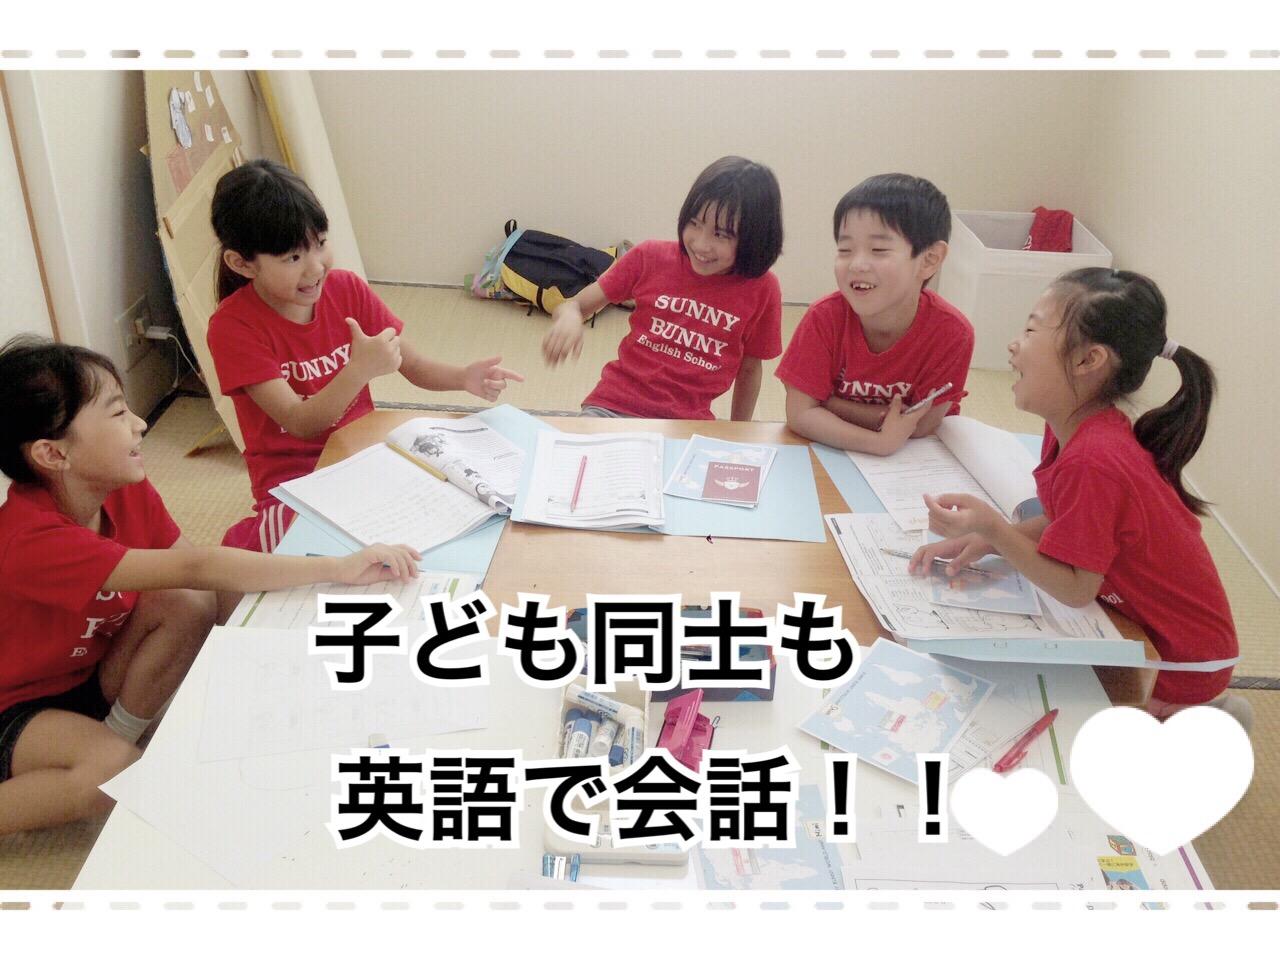 子ども同士が英語でおしゃべり出来る、唯一の英語教室。オリジナルの教材です!